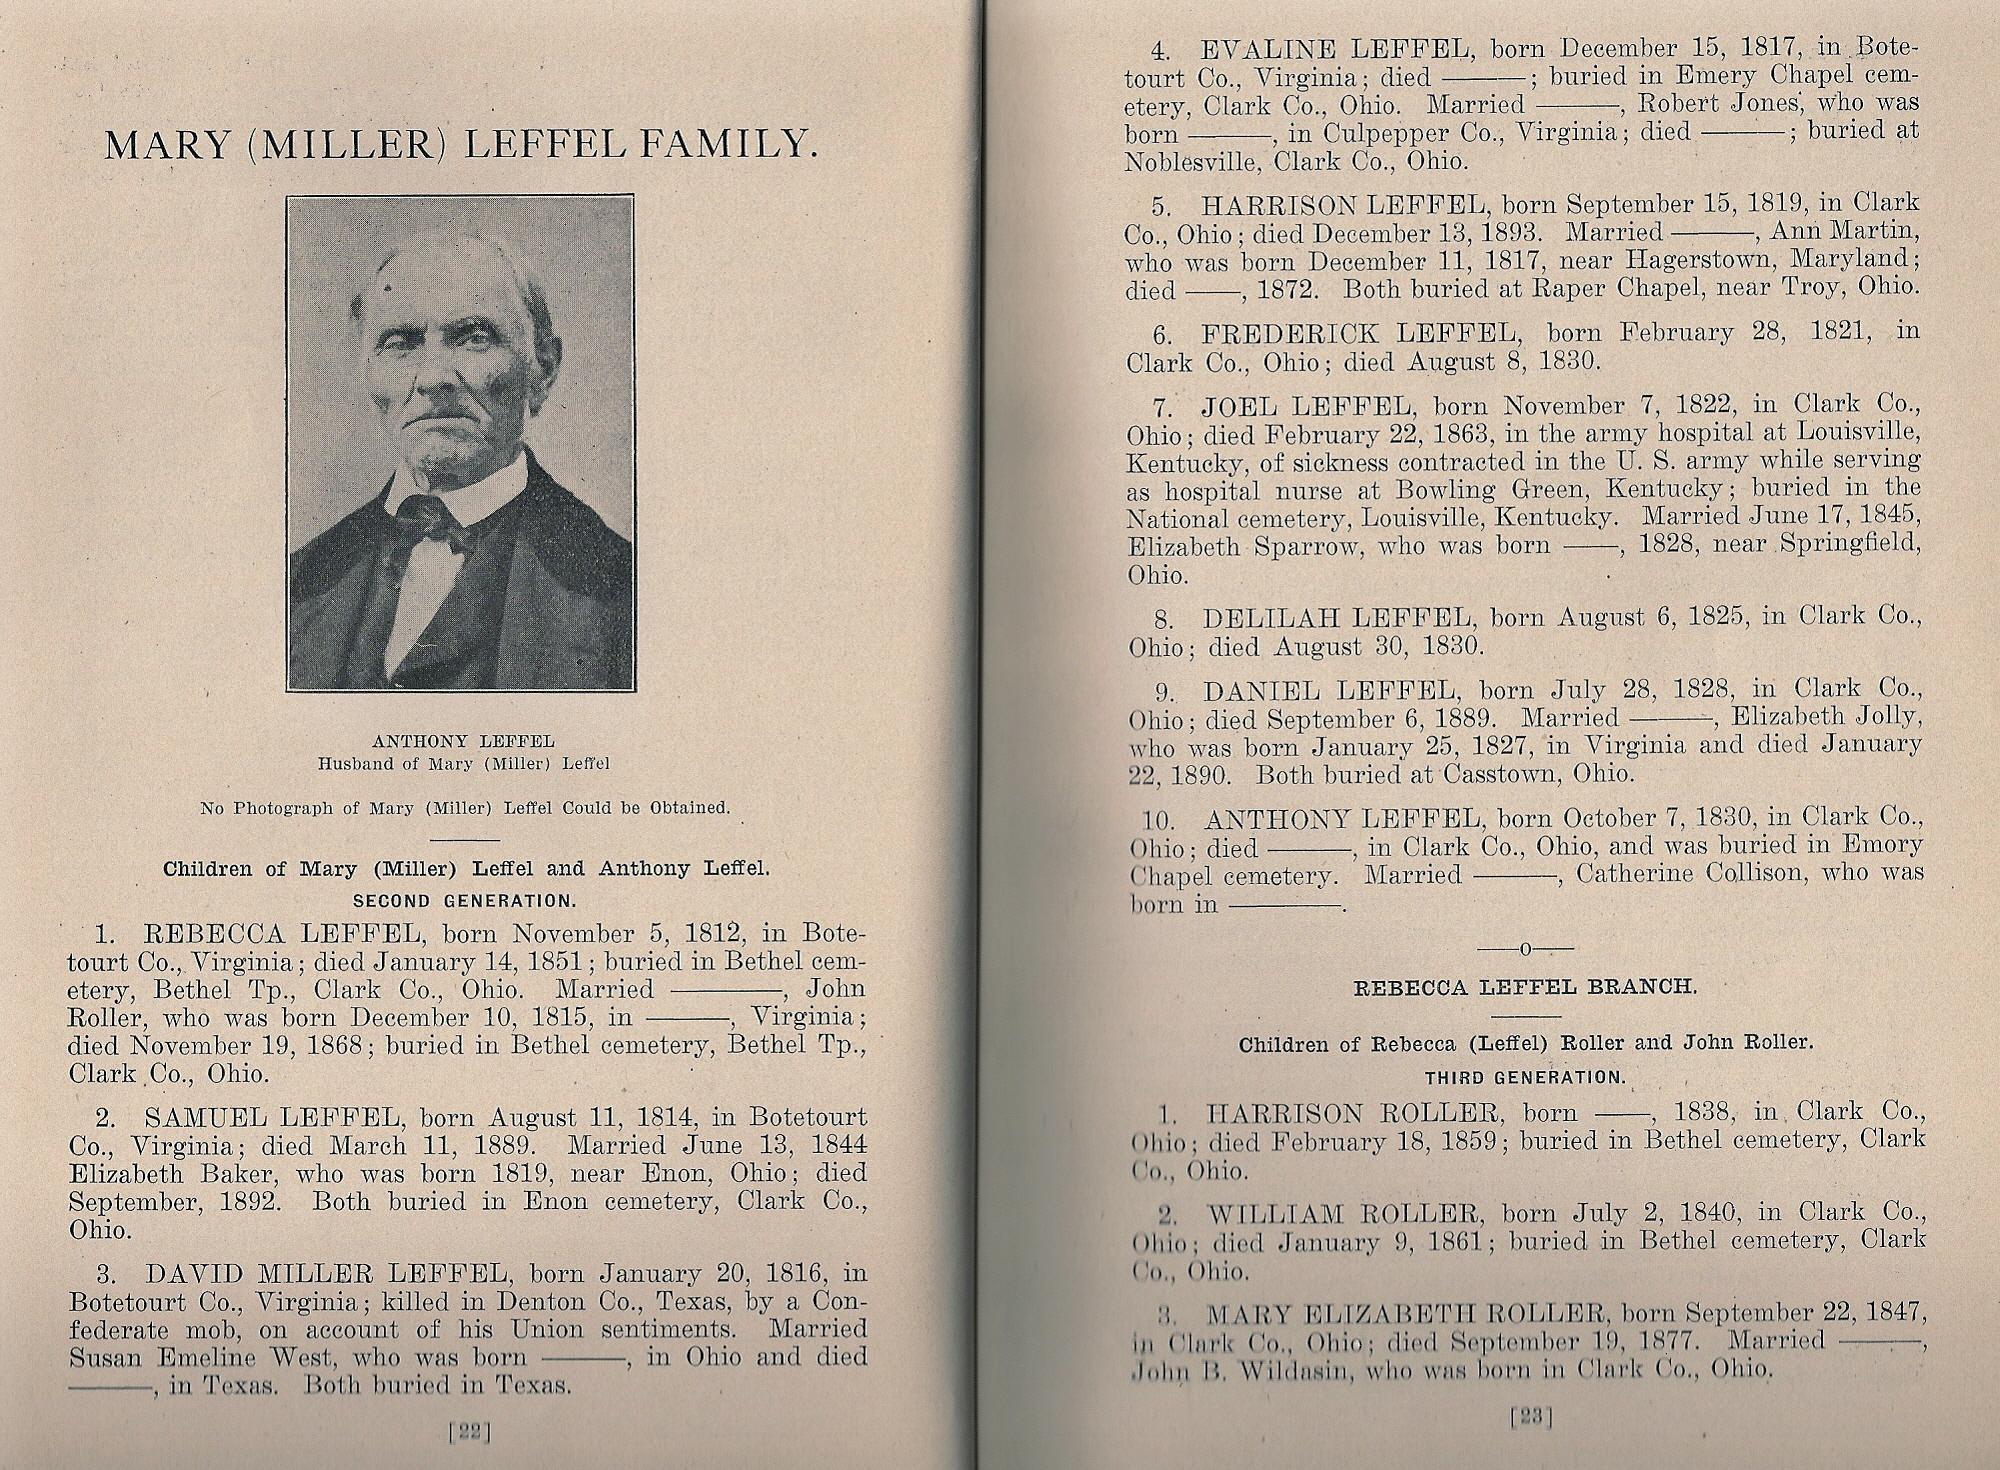 David Miller Leffel